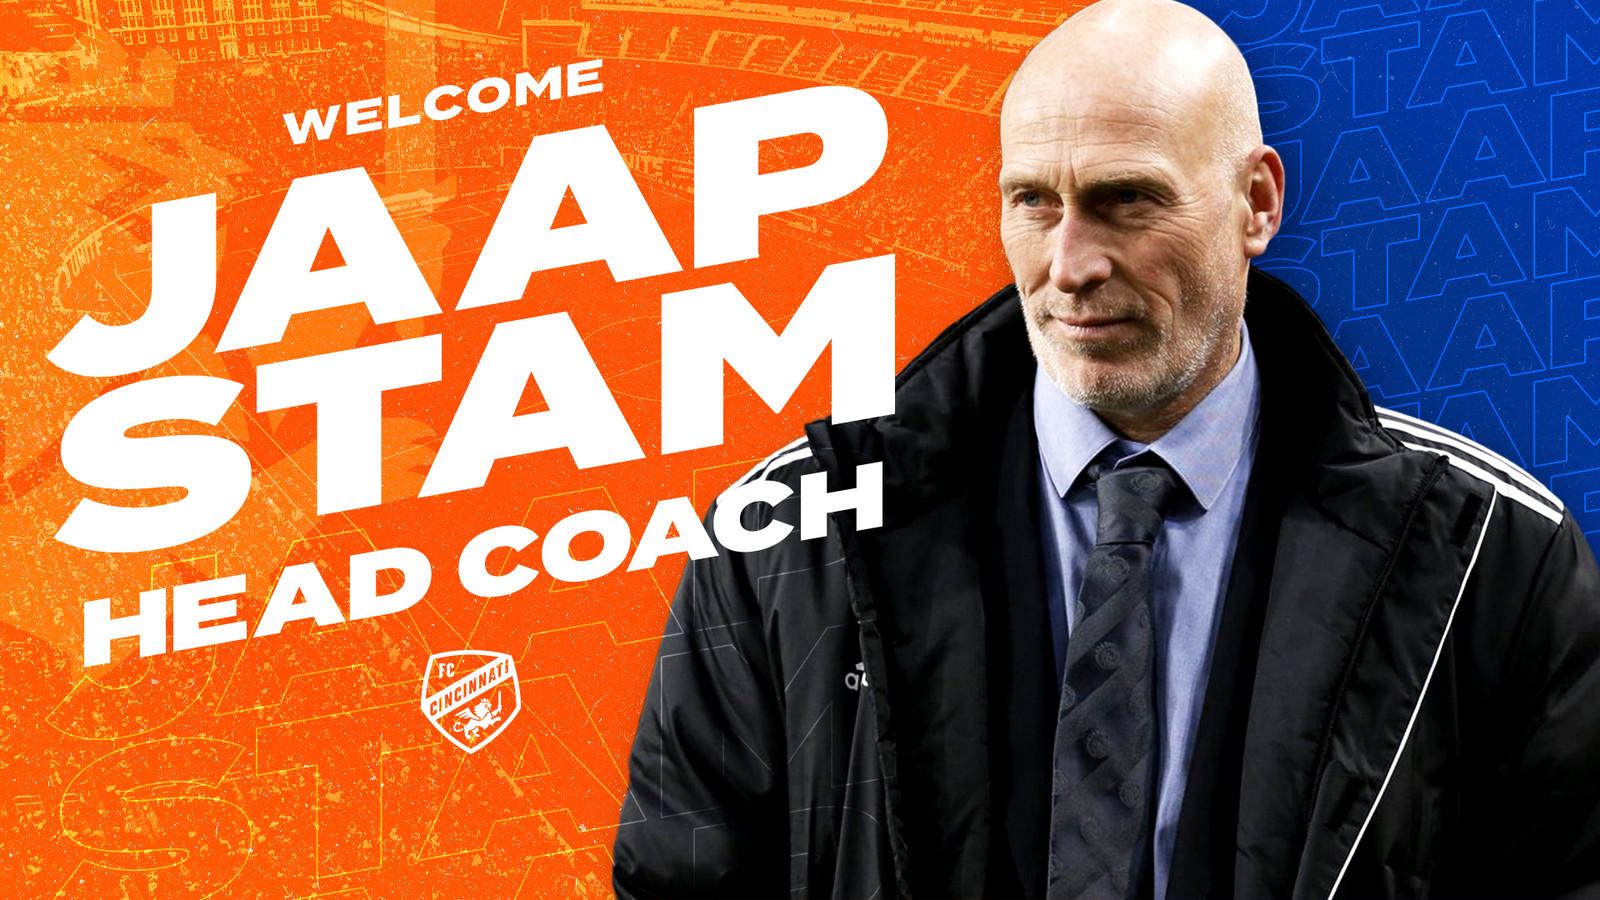 FC Cincinnati heeft Jaap Stam aangesteld als hoofdcoach maar blijkt nog niet exact te weten hoe hij eruitziet.